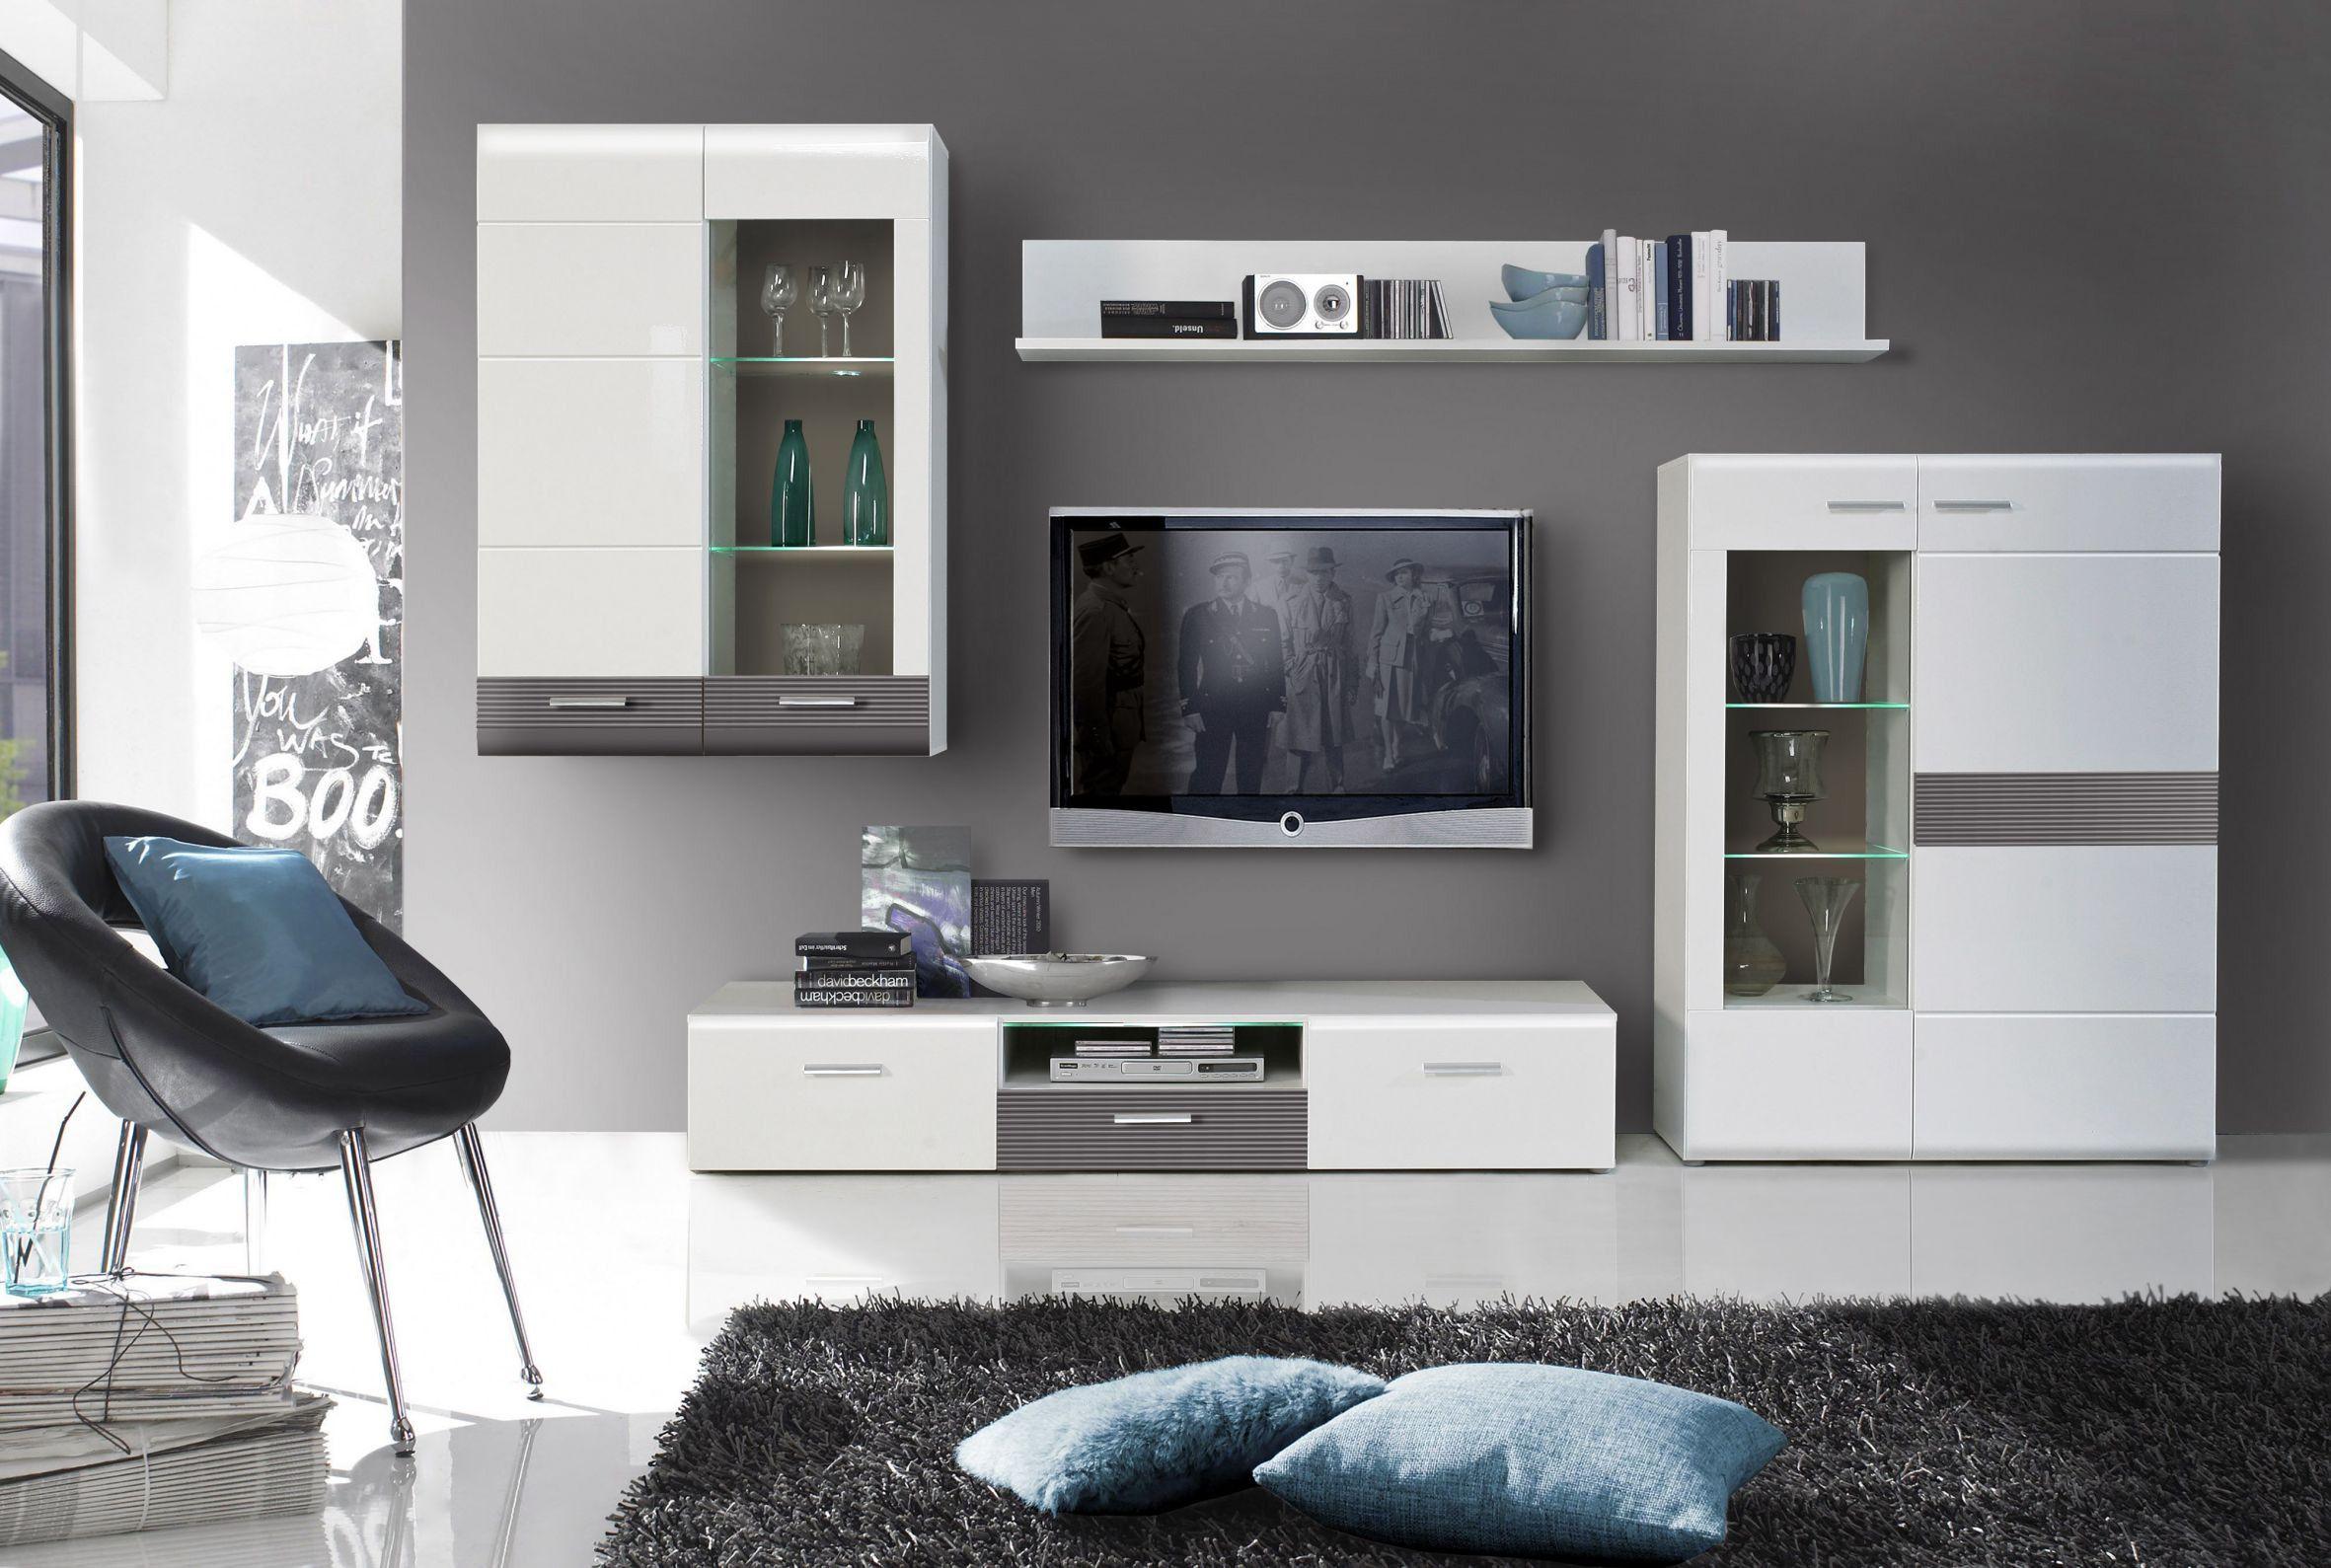 pin von ladendirekt auf schr nke pinterest wohnen wohnzimmer und wohnwand weiss. Black Bedroom Furniture Sets. Home Design Ideas